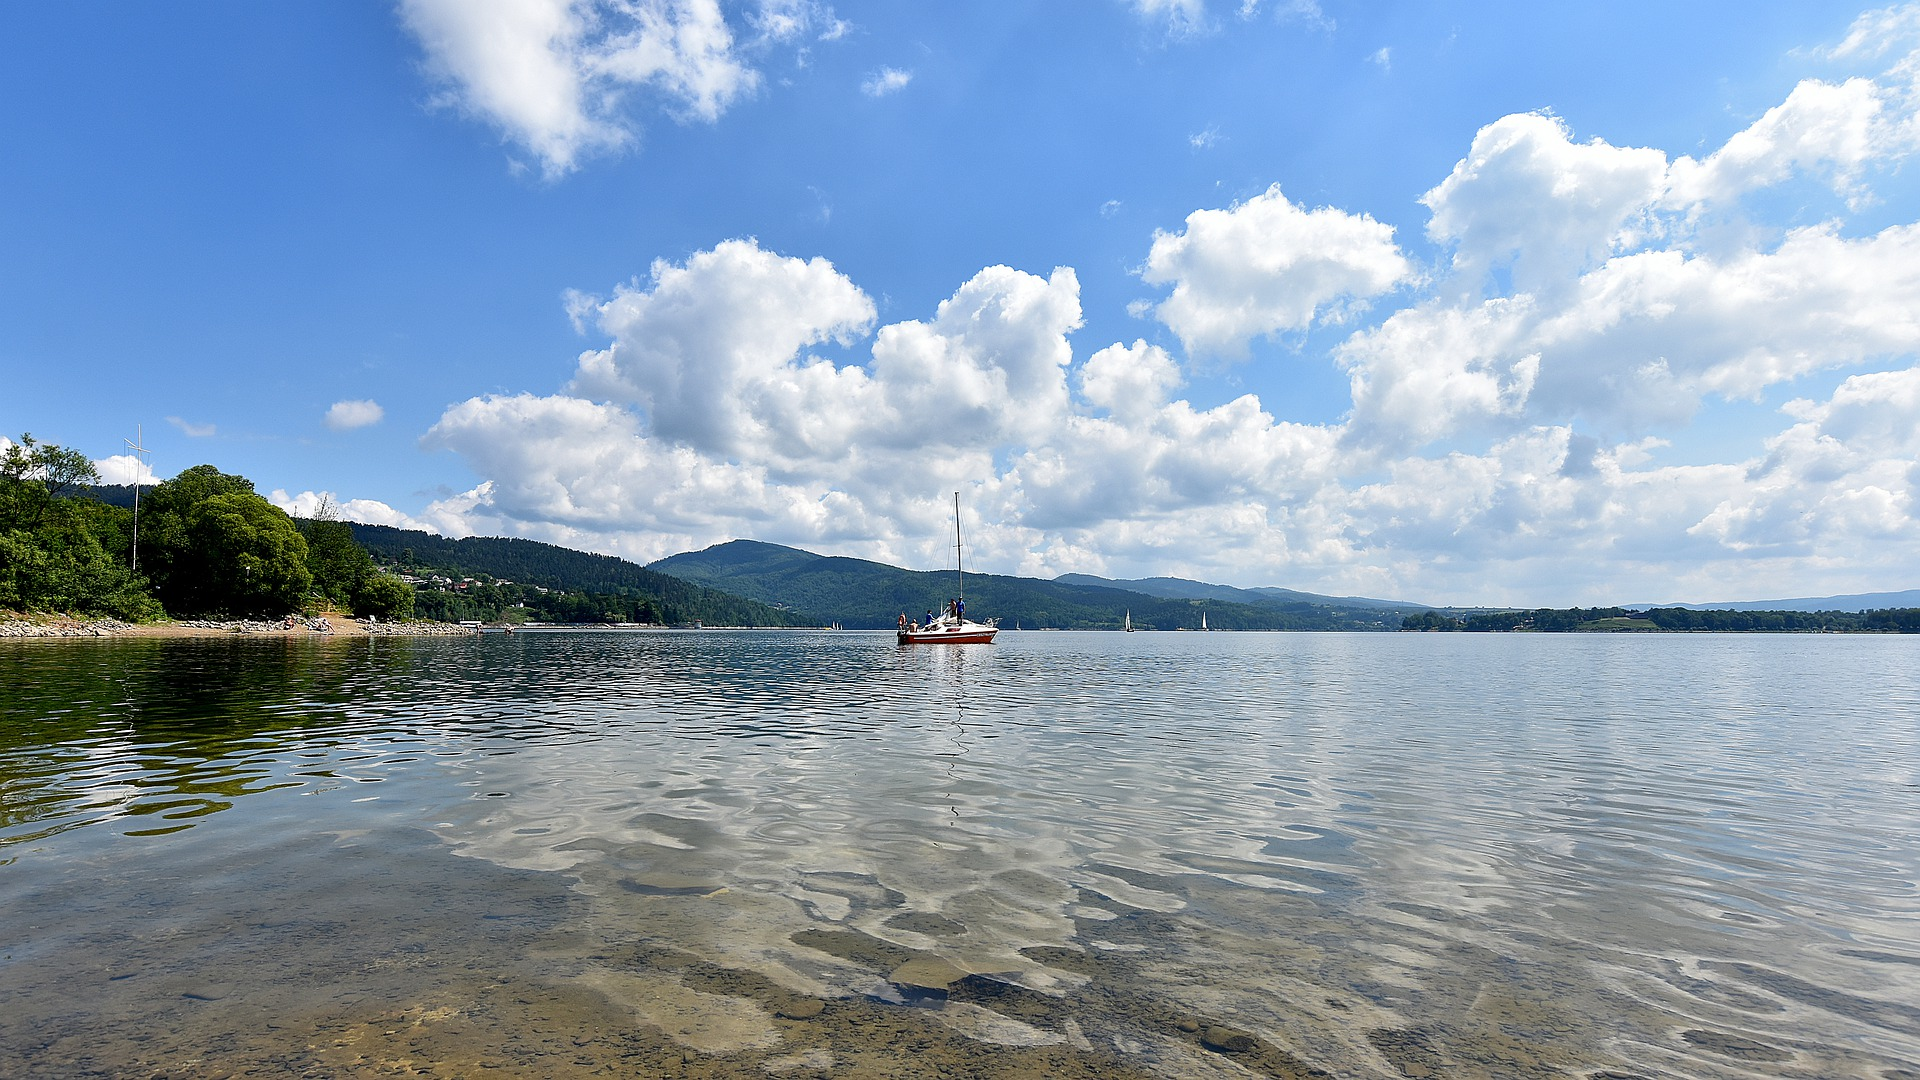 Czy jezioro żywieckie to atrakcyjne miejsce na wypoczynek?